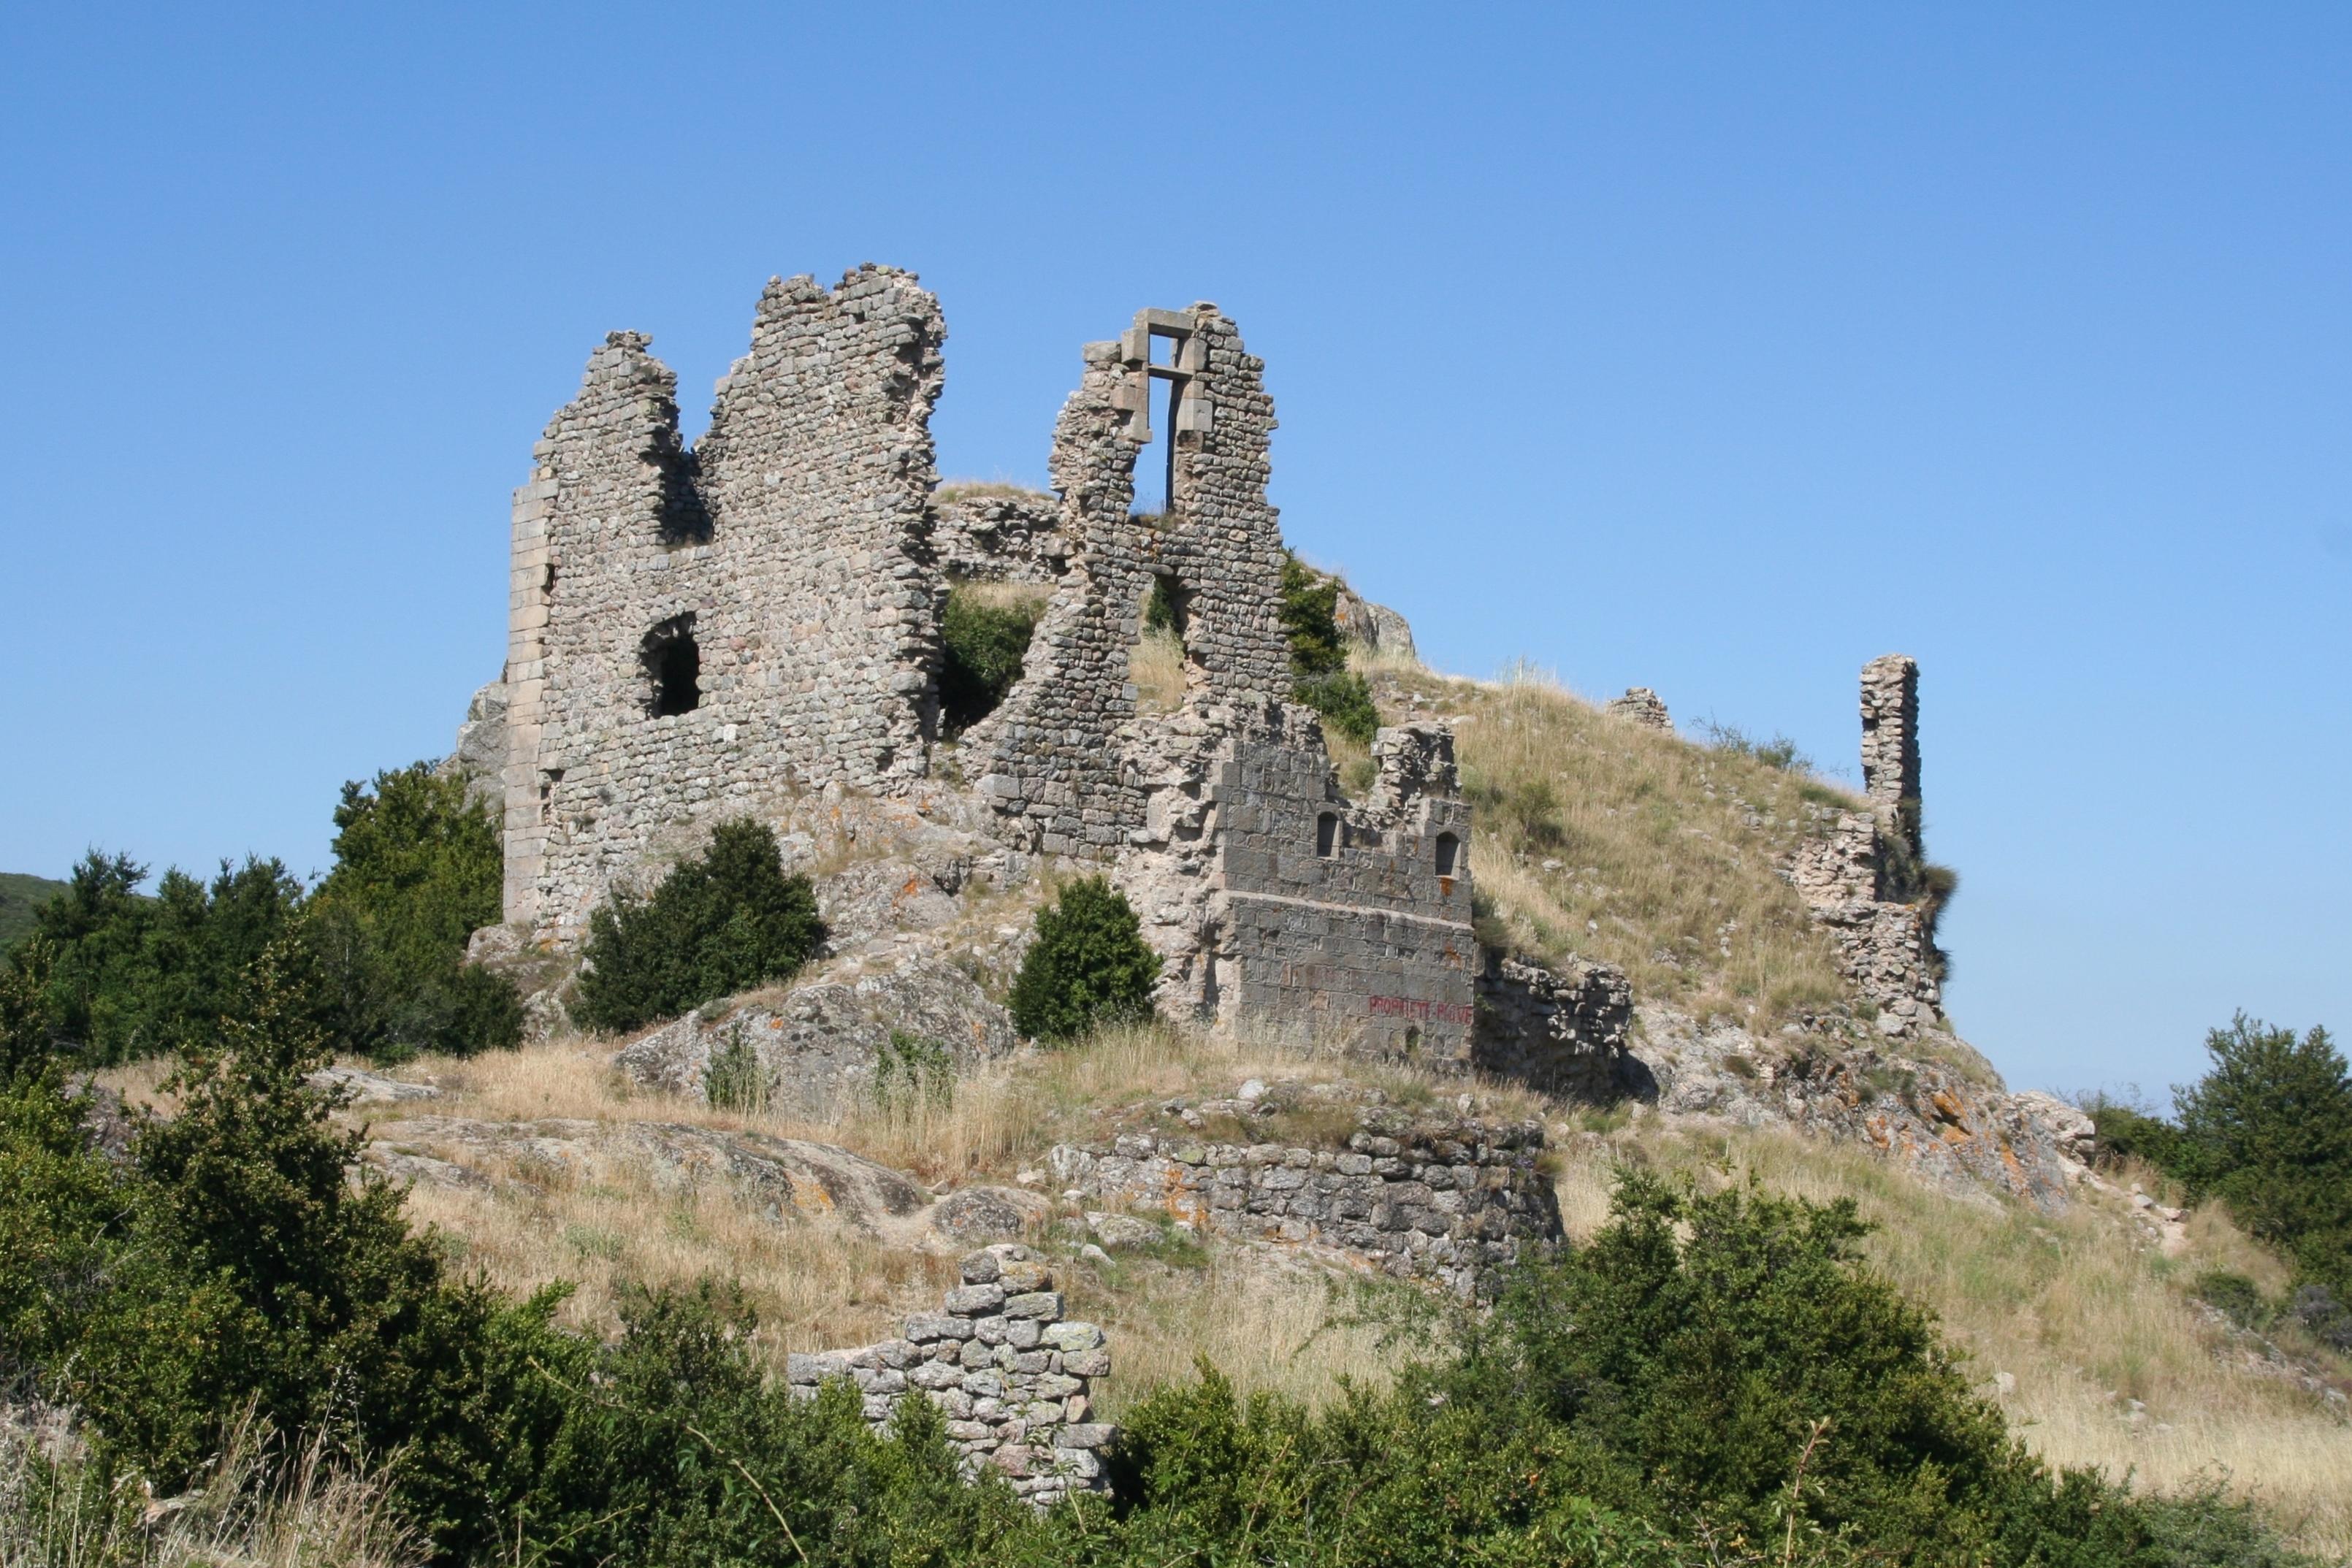 A dénicher : Château de Pierre-Gourde (vestiges)